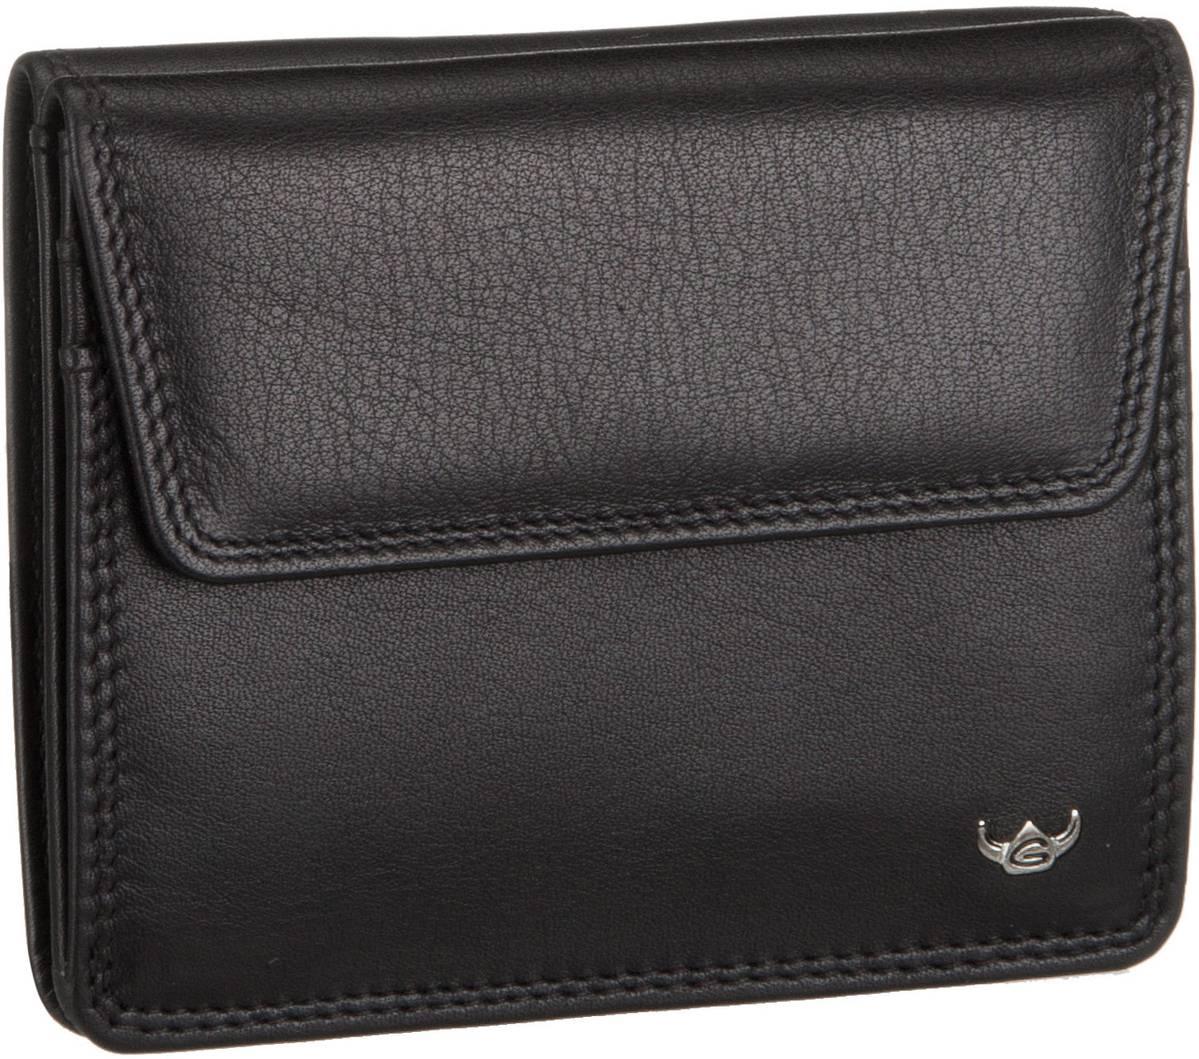 Geldboersen für Frauen - Golden Head Polo 1175 Überschlagbörse Schwarz Geldbörse  - Onlineshop Taschenkaufhaus